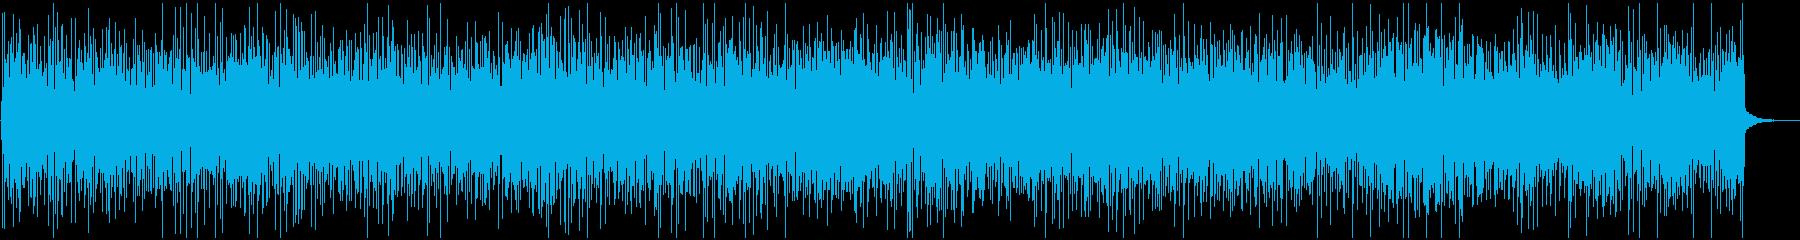 バンジョー中心の明るく軽快なブルーグラスの再生済みの波形